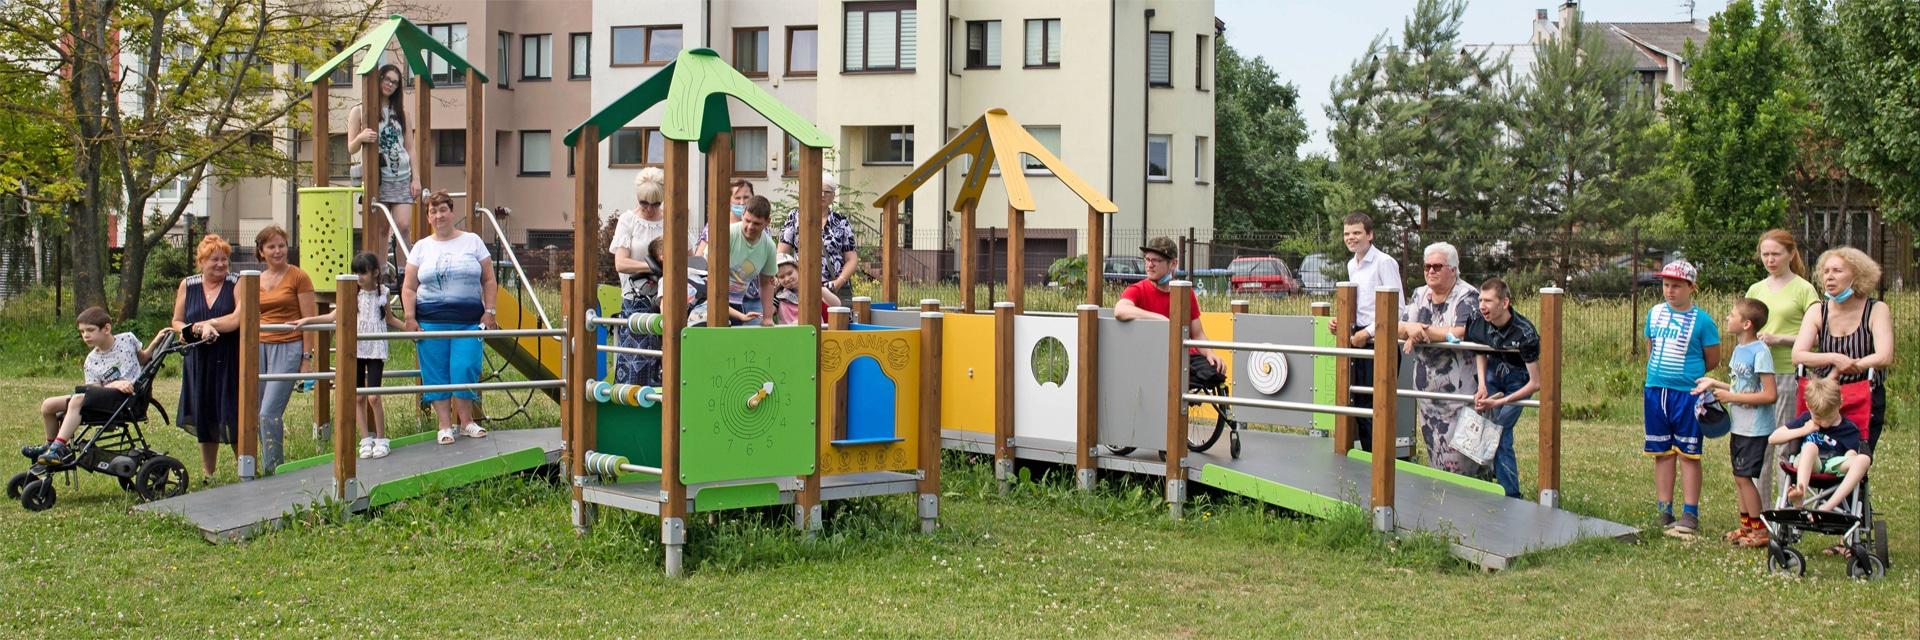 Inklusionsspielanlage Sonderschule Kaunas